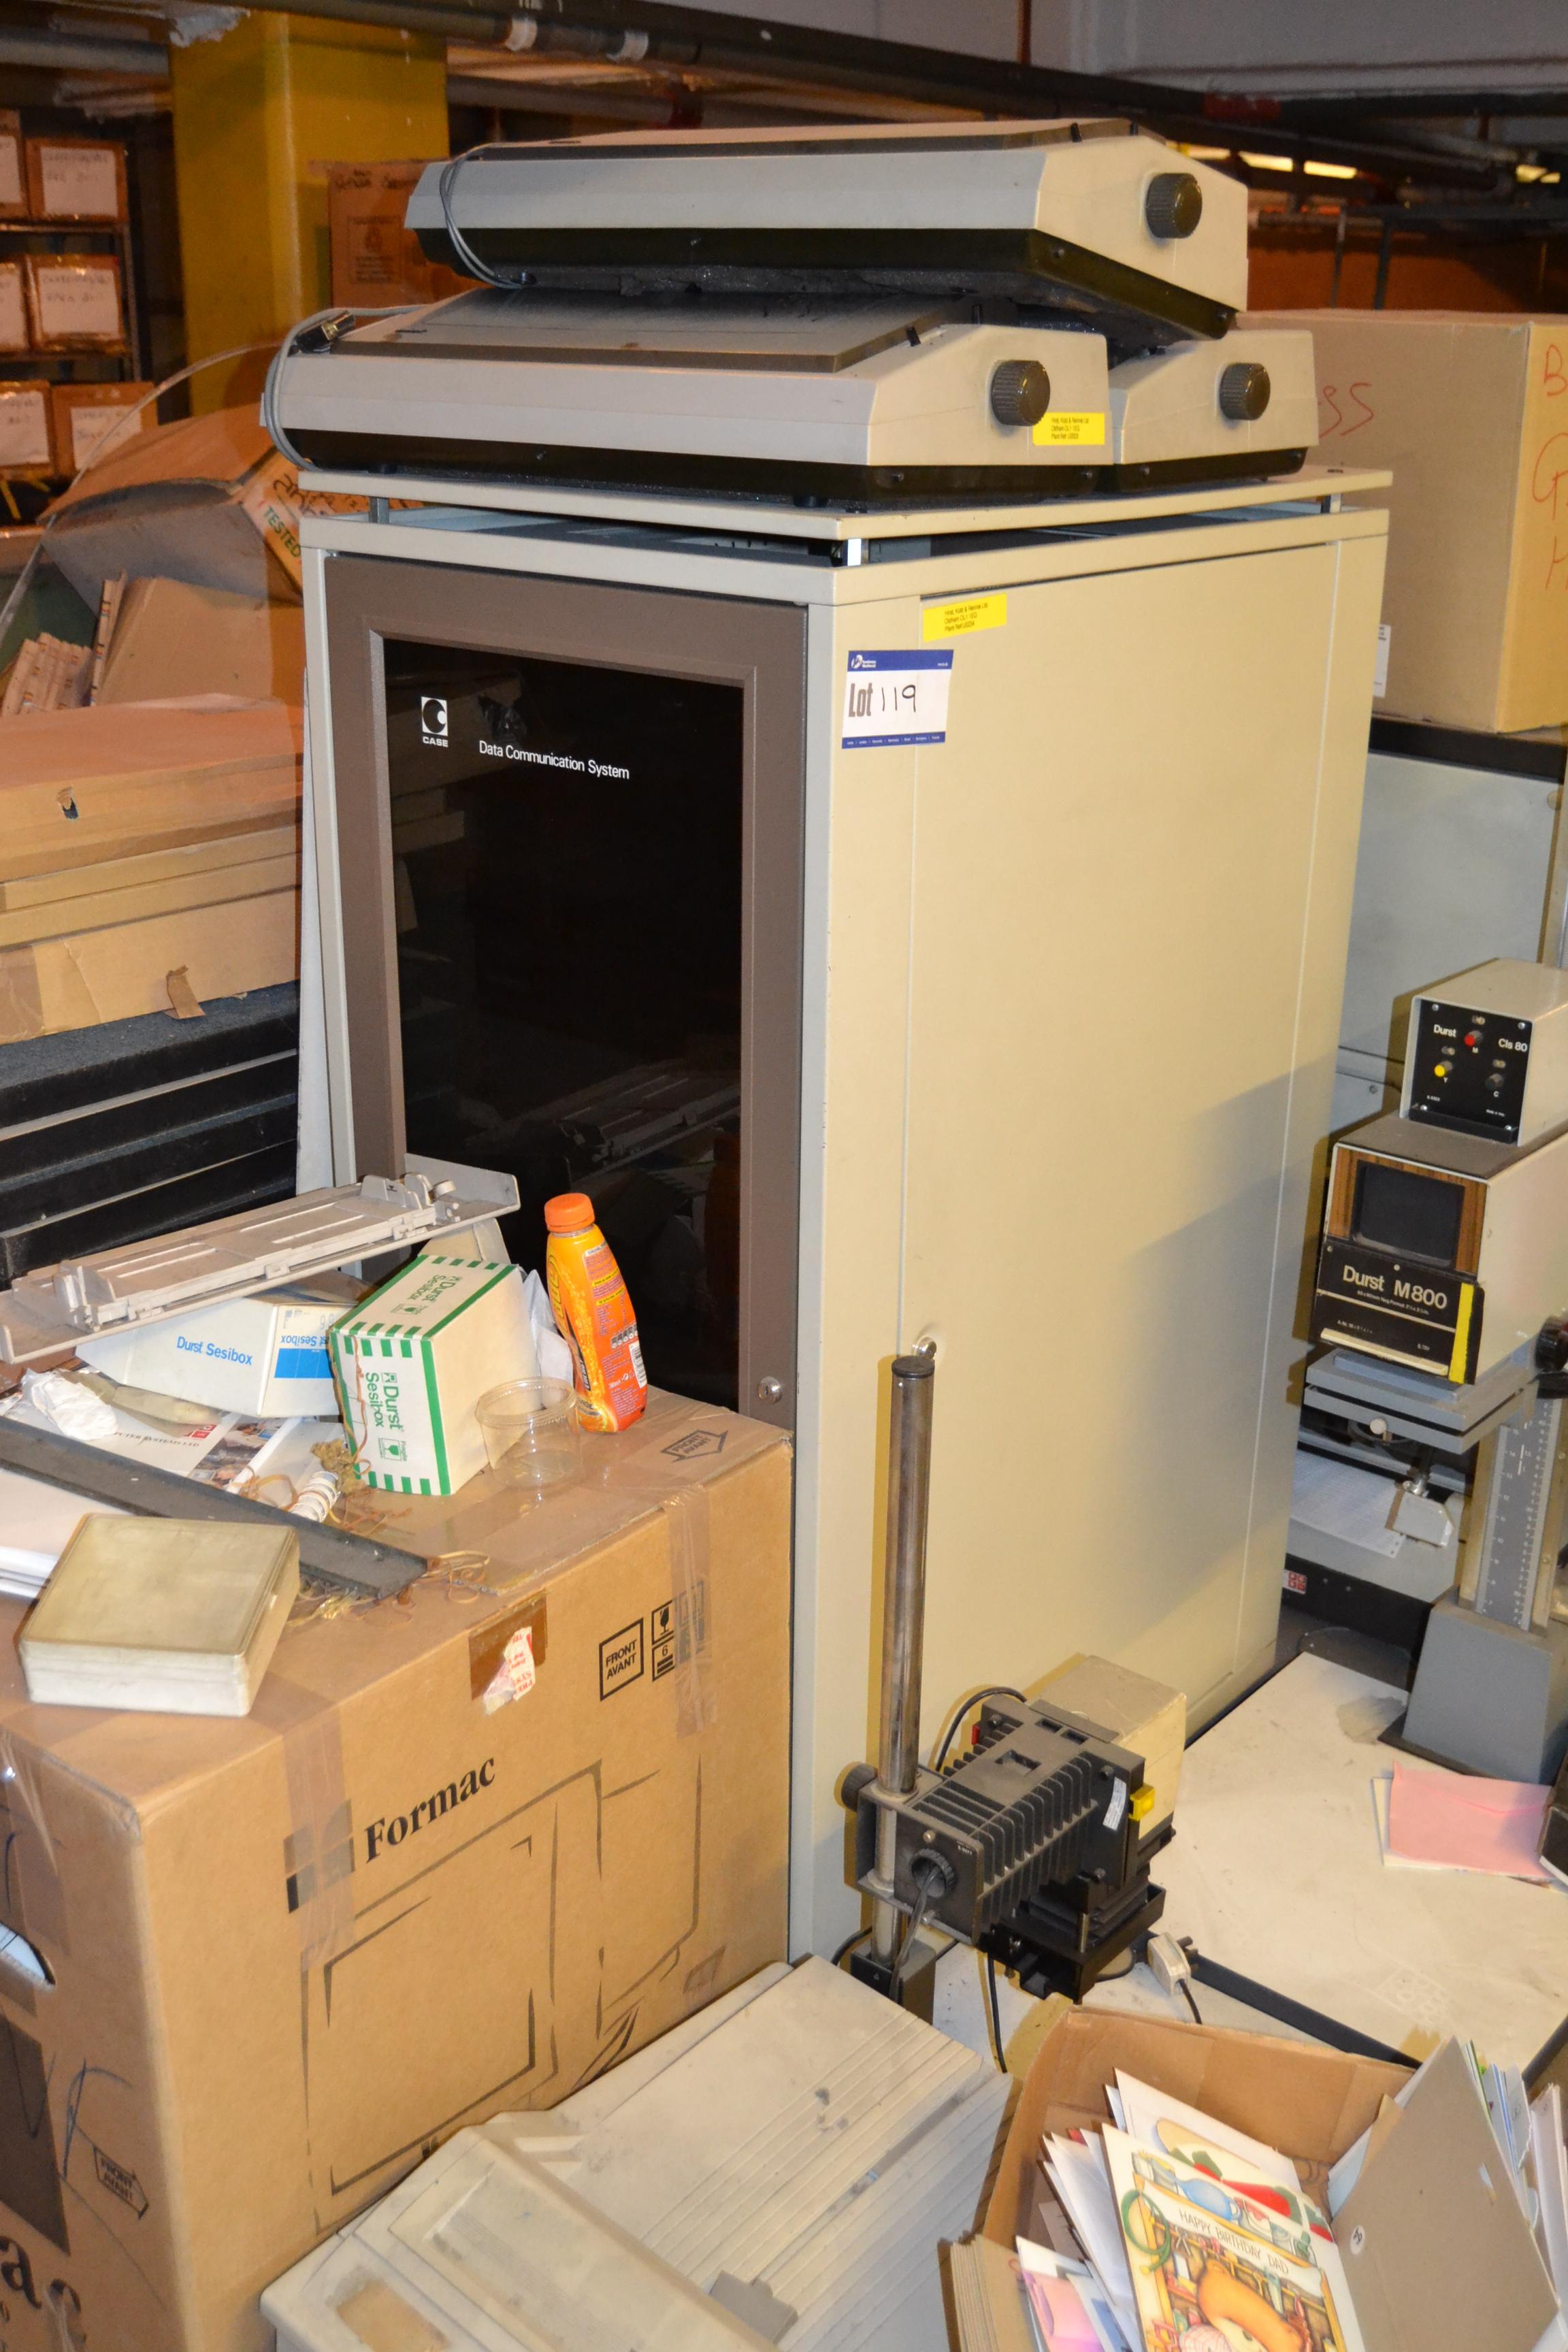 case data communication system cabinet. Black Bedroom Furniture Sets. Home Design Ideas